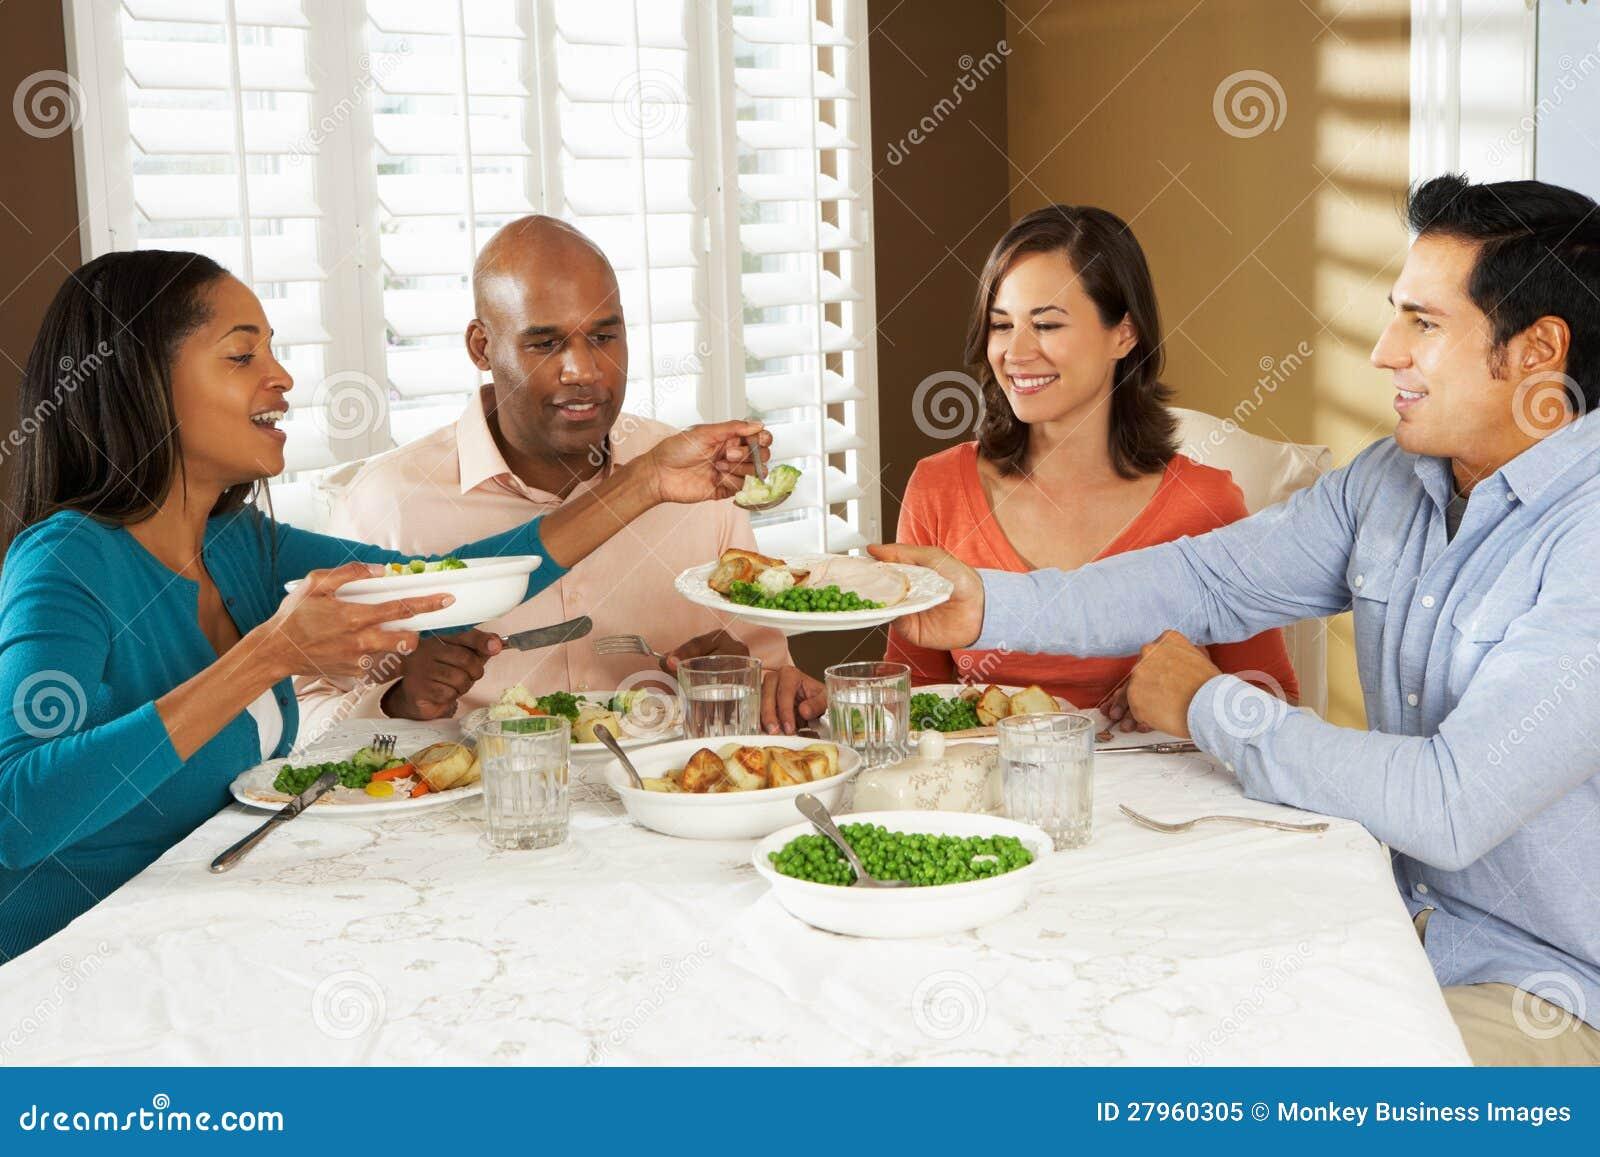 在家享受膳食的组朋友